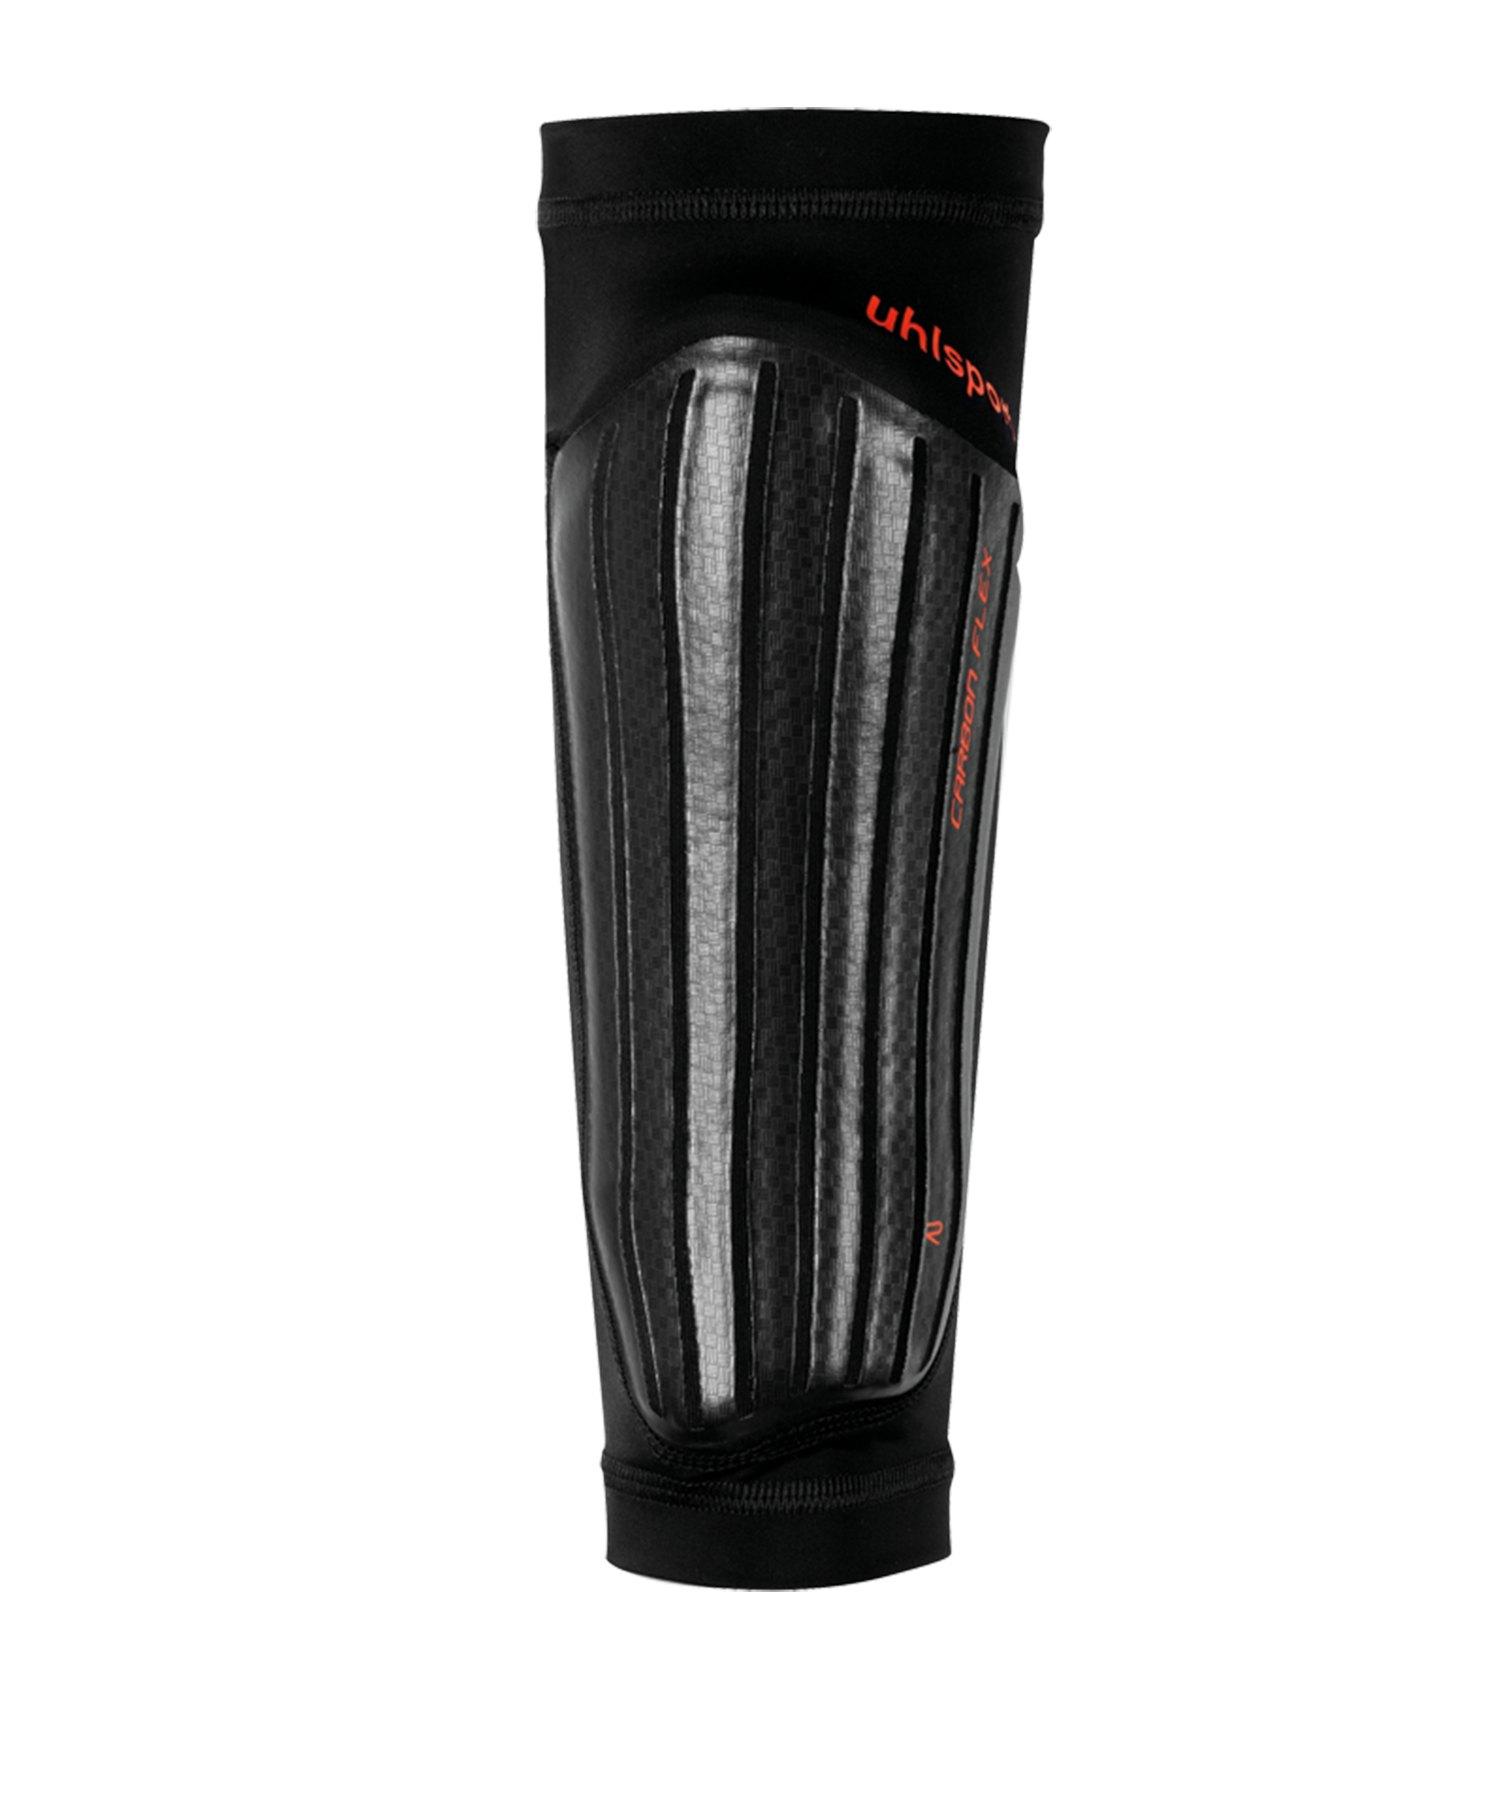 Uhlsport Carbonflex 2.0 Schienbeinschoner F01 - schwarz